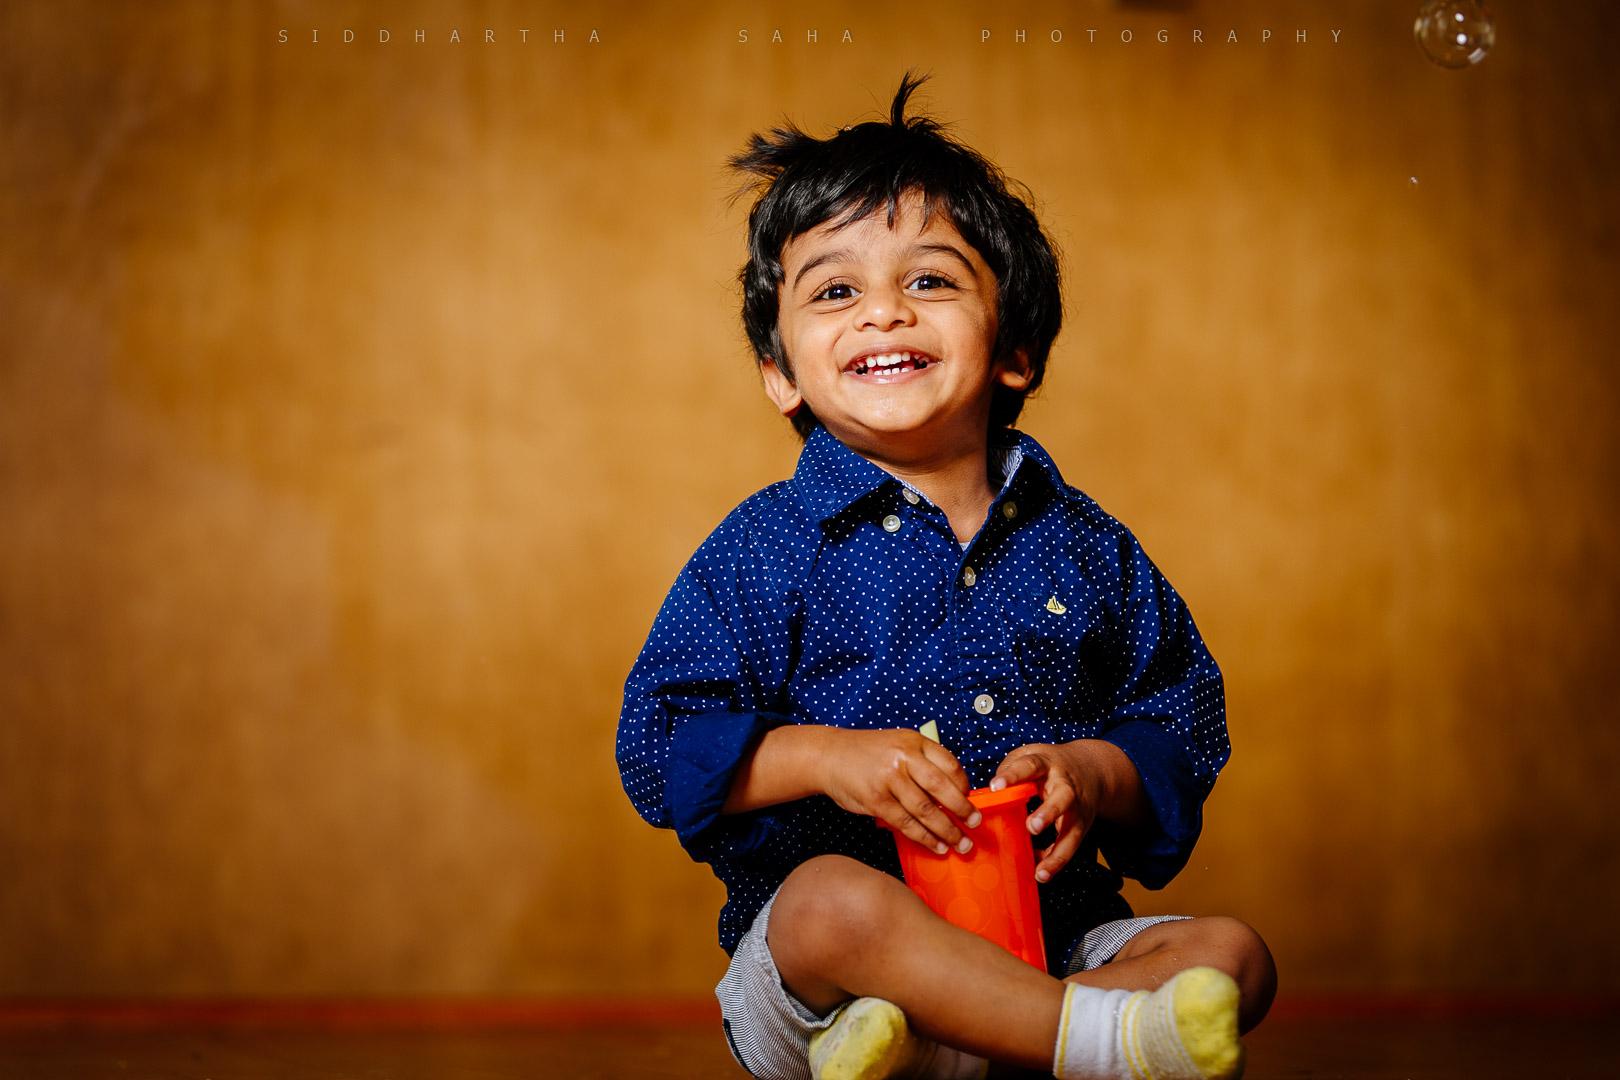 2015-06-14 - Ranjani Naveen Vihaan Photoshoot - _05Y6911